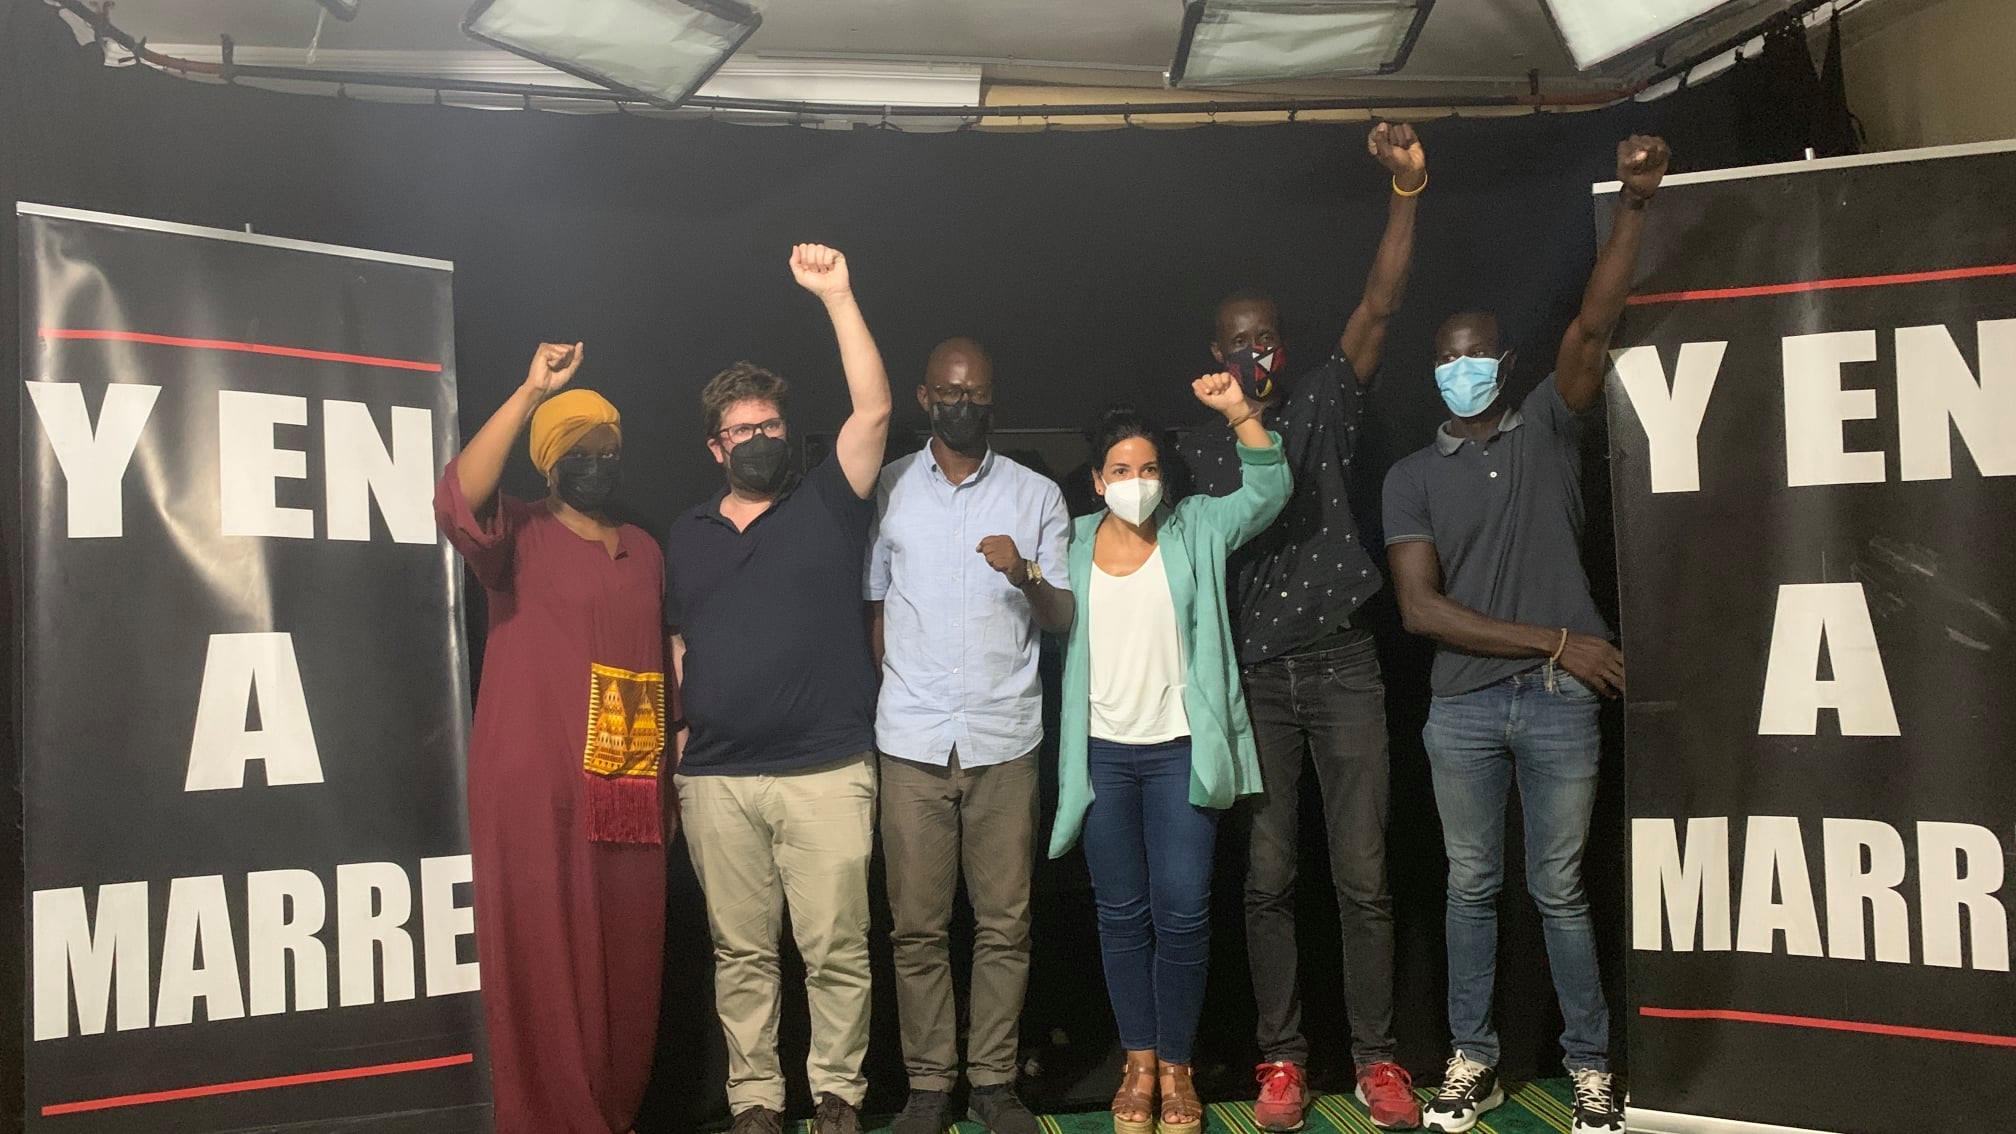 Visite d'Eurodéputés et de députés du Parlement de Madrid: Quand Y en a marre prêche contre l'émigration clandestine